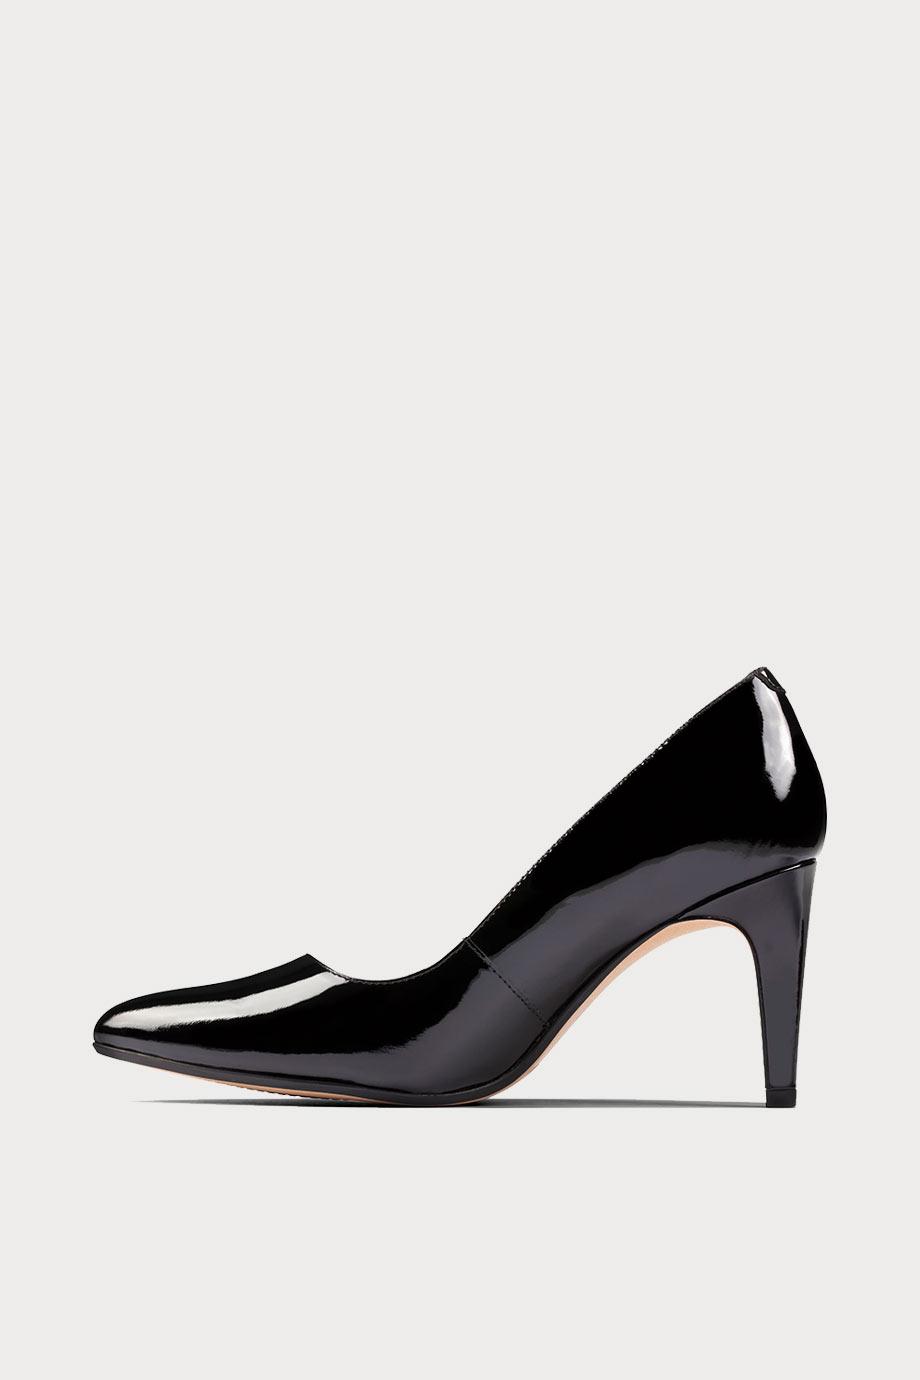 spiridoula metheniti shoes xalkida p laina rae 2 black patent clarks 5